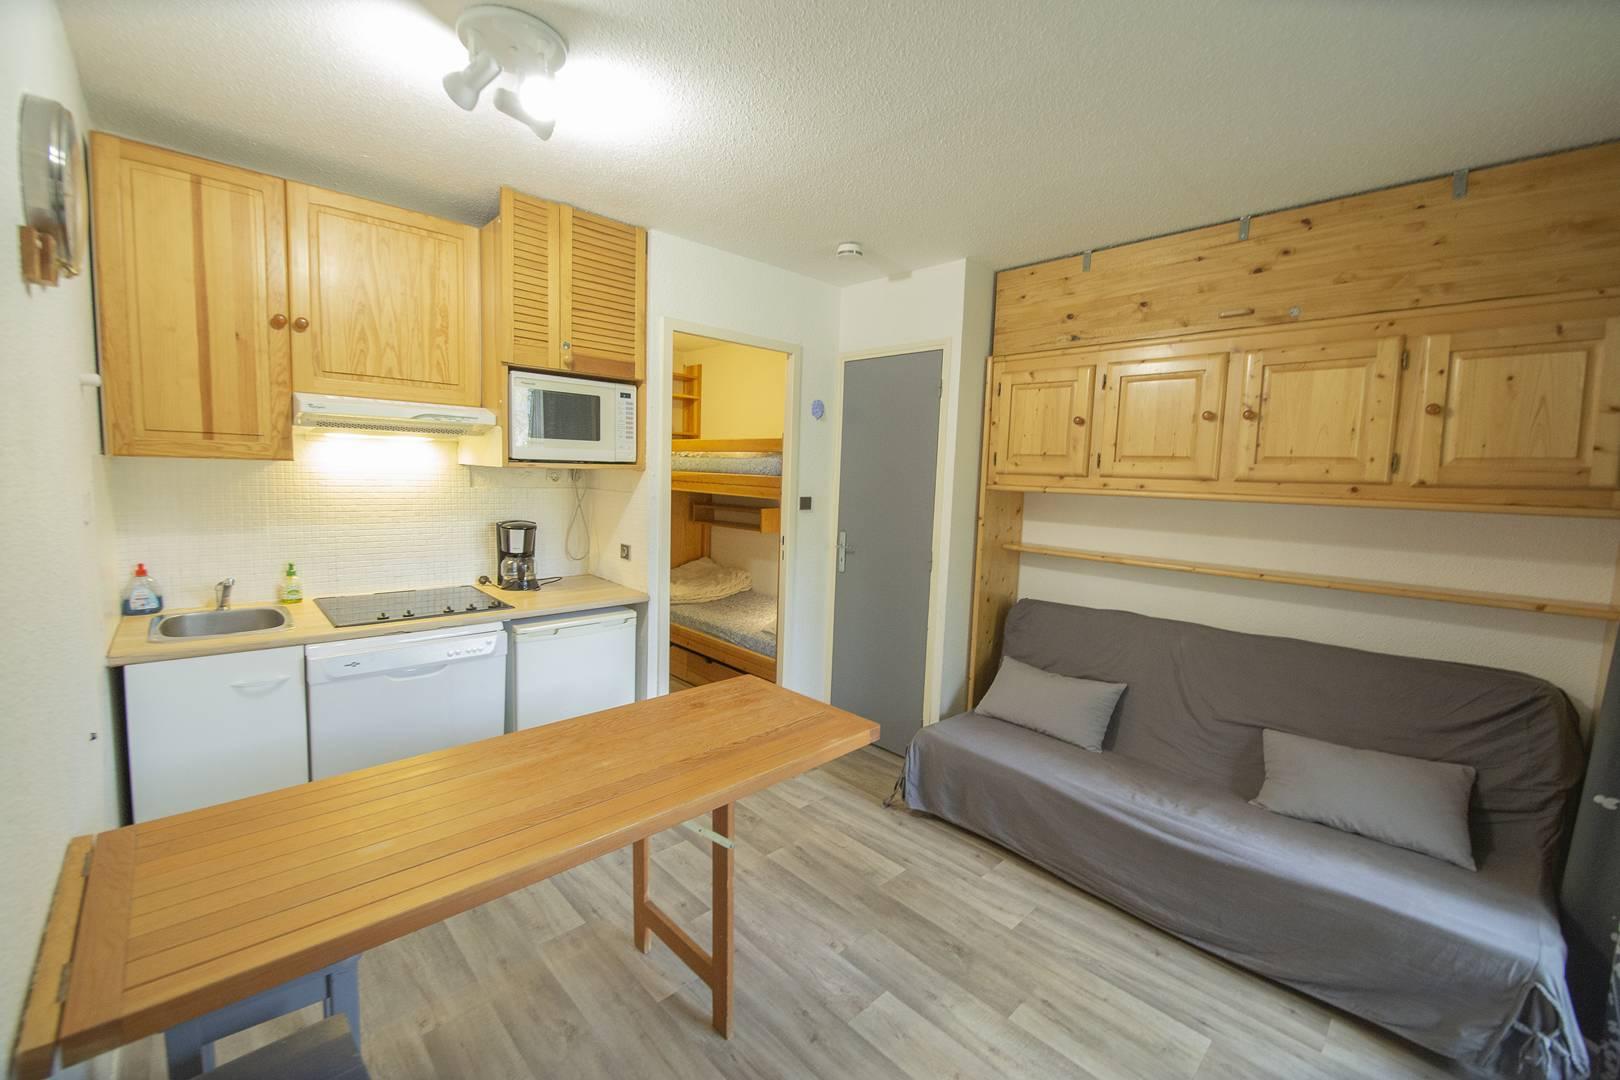 Appartement L'oustal OUS23 - Hebergement + Forfait remontee mecanique